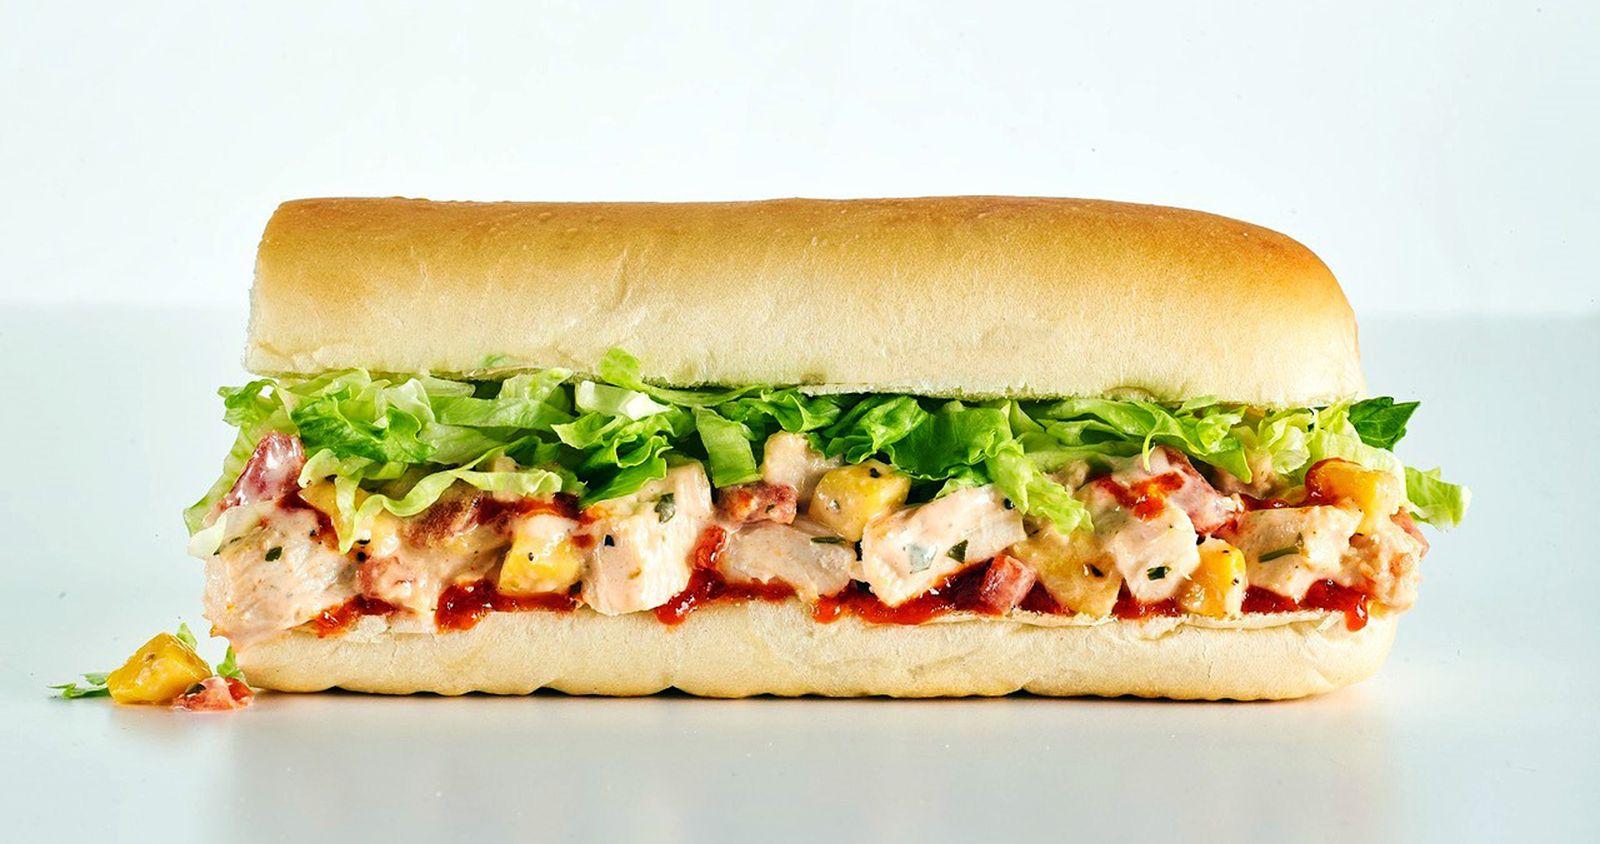 Erbert & Gerbert's Caribbean Sriracha Chicken Sandwich